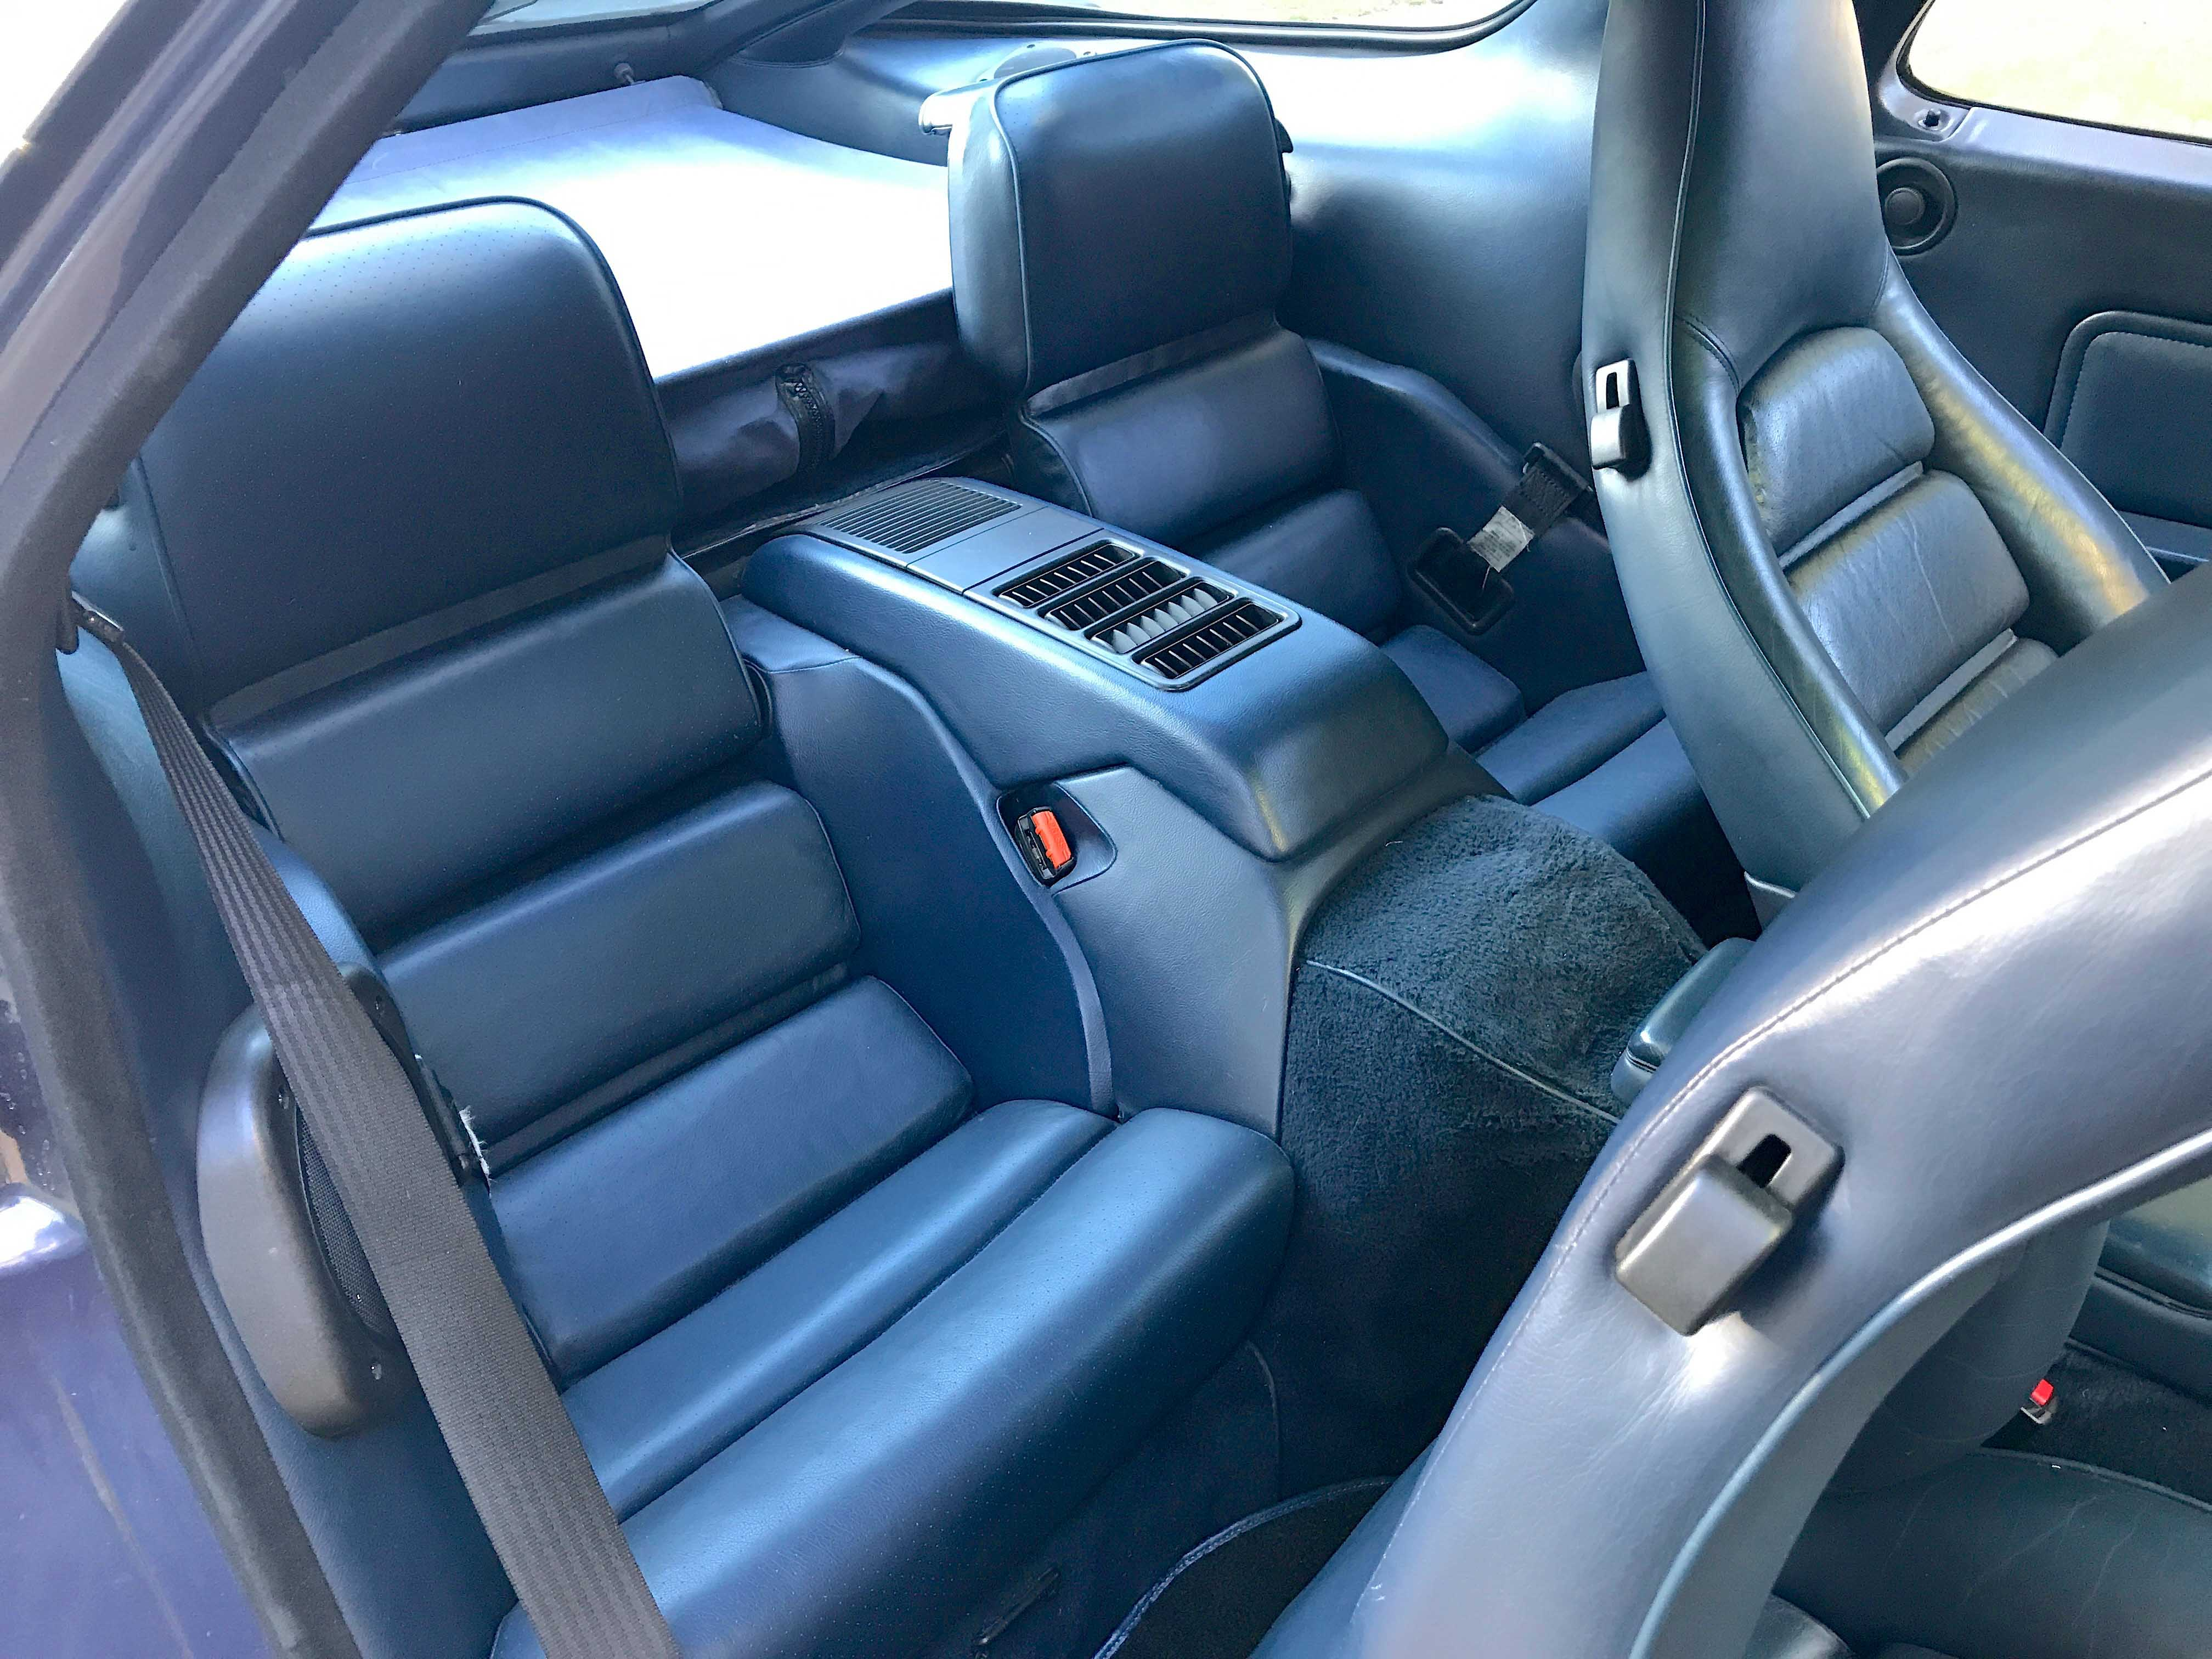 1986 Porsche 928 back interior